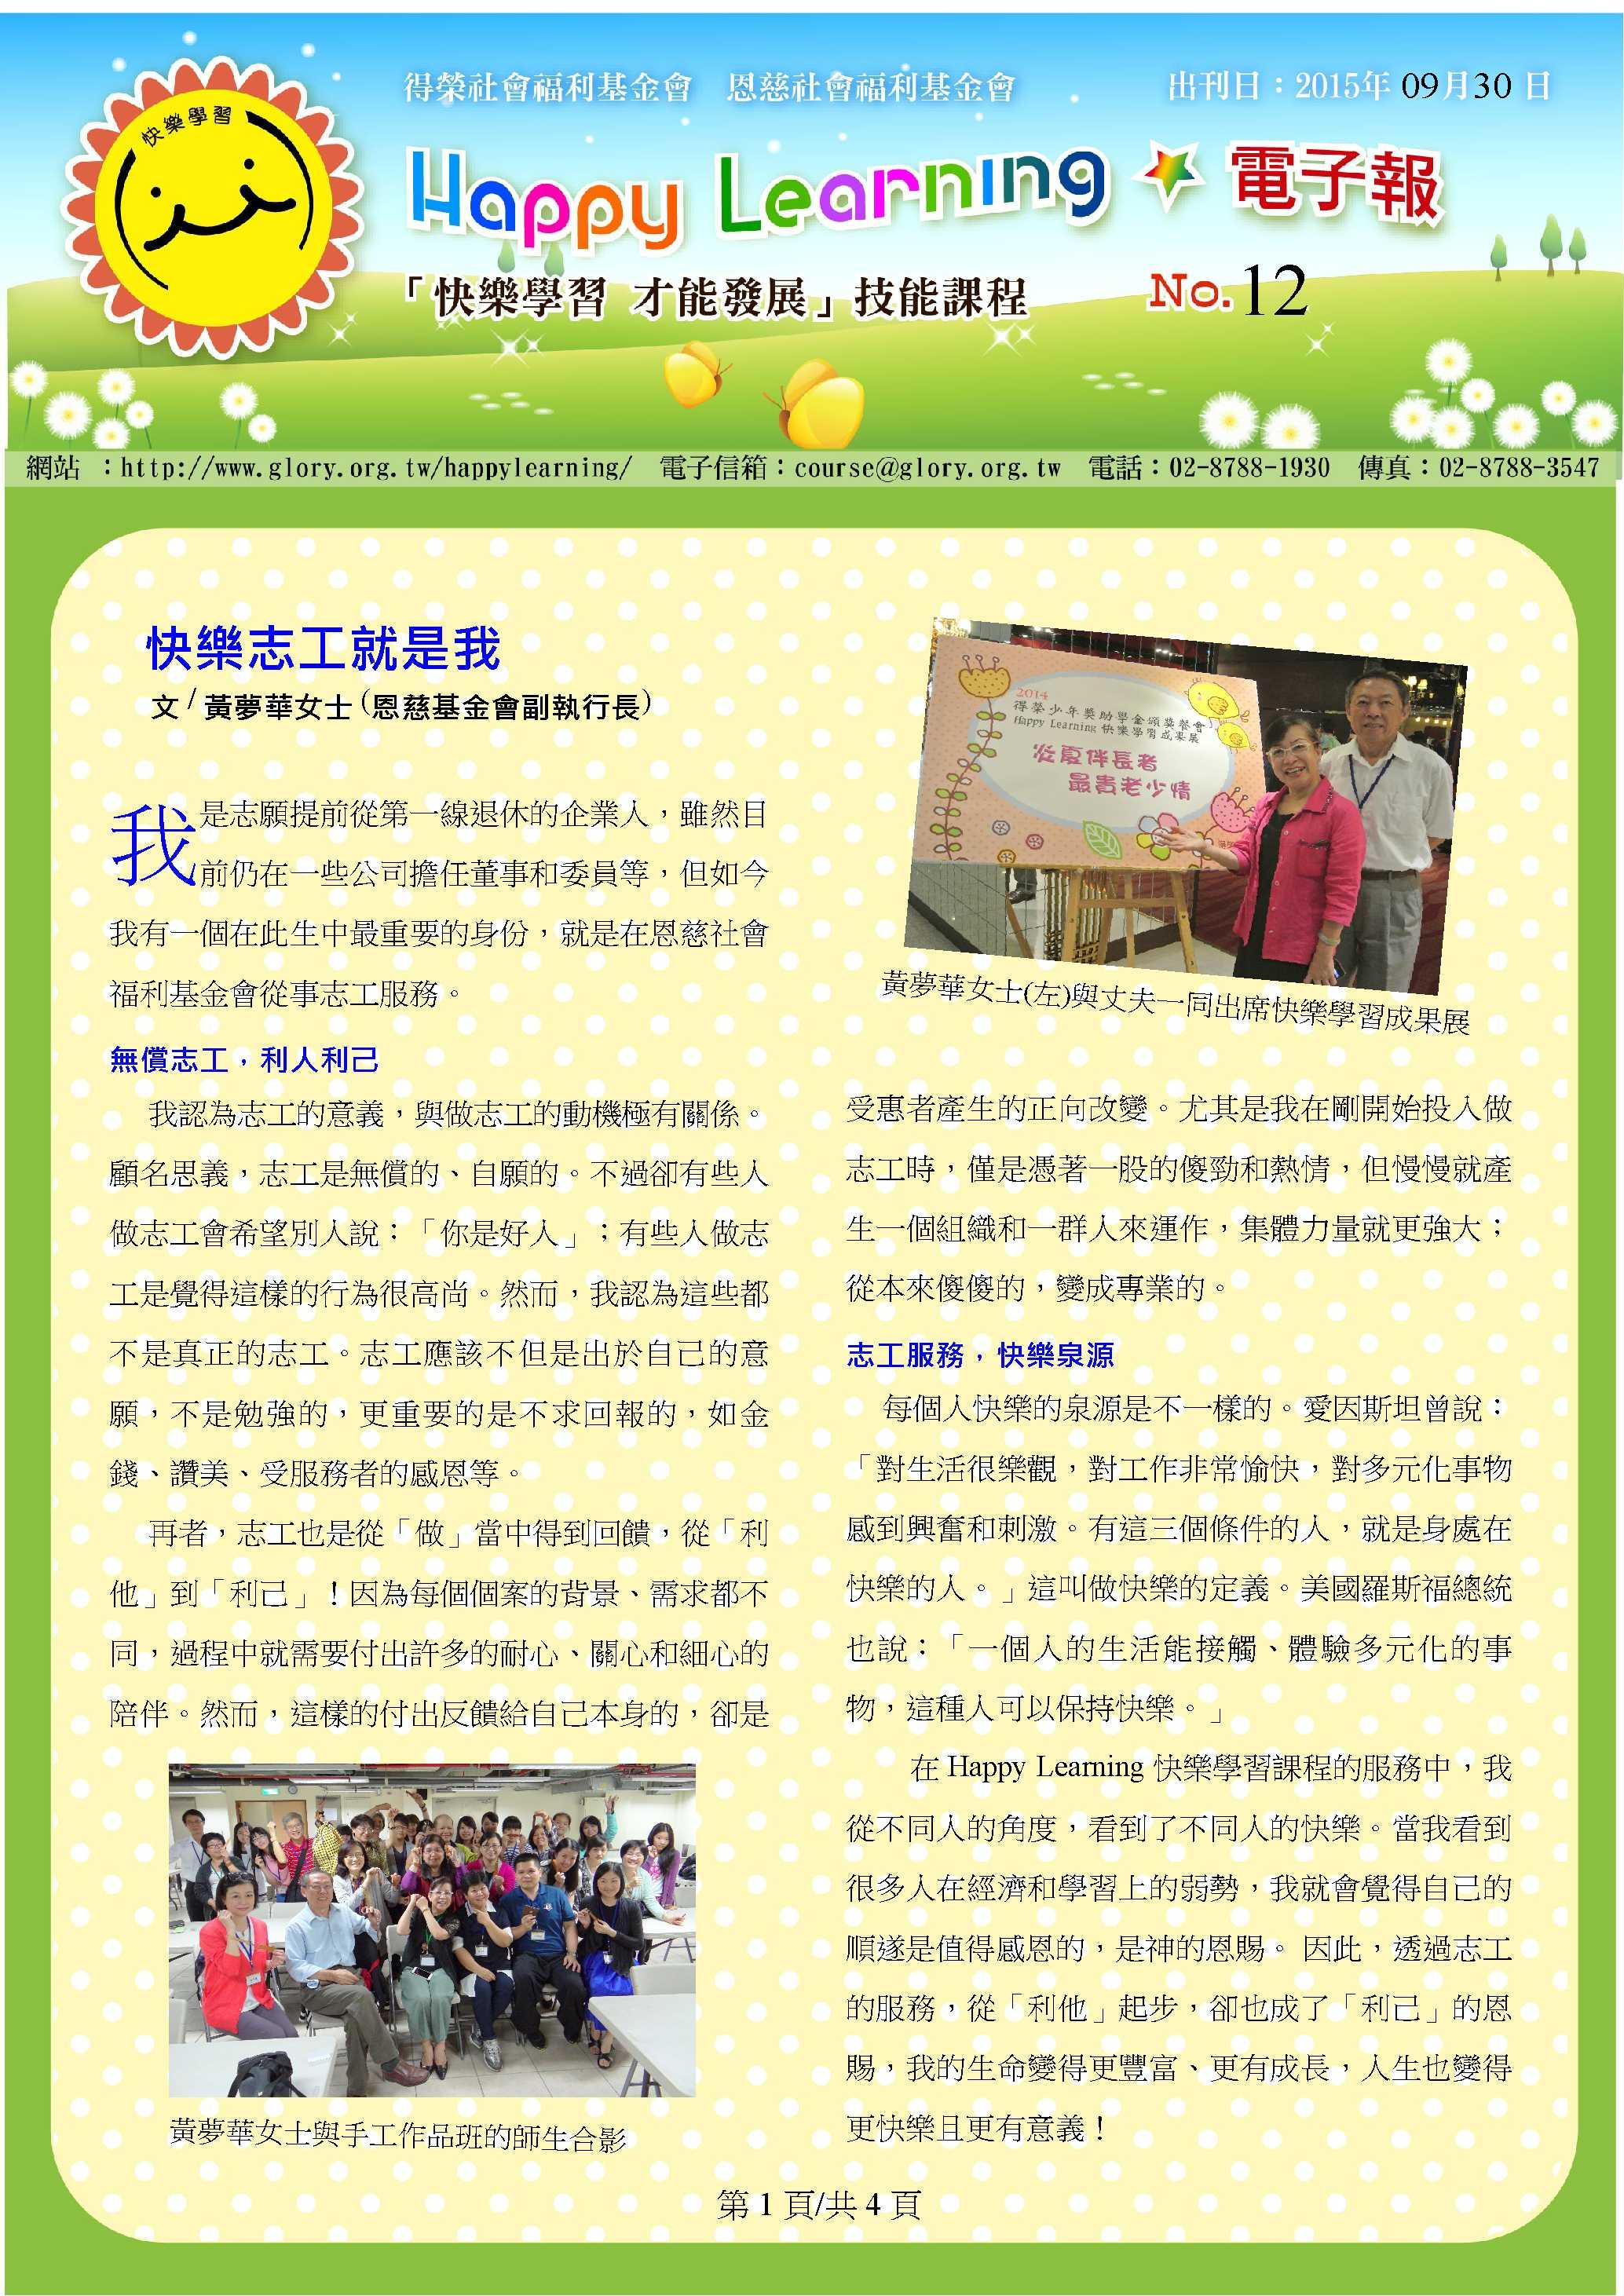 快樂學習課程-電子報第12期(P.1)